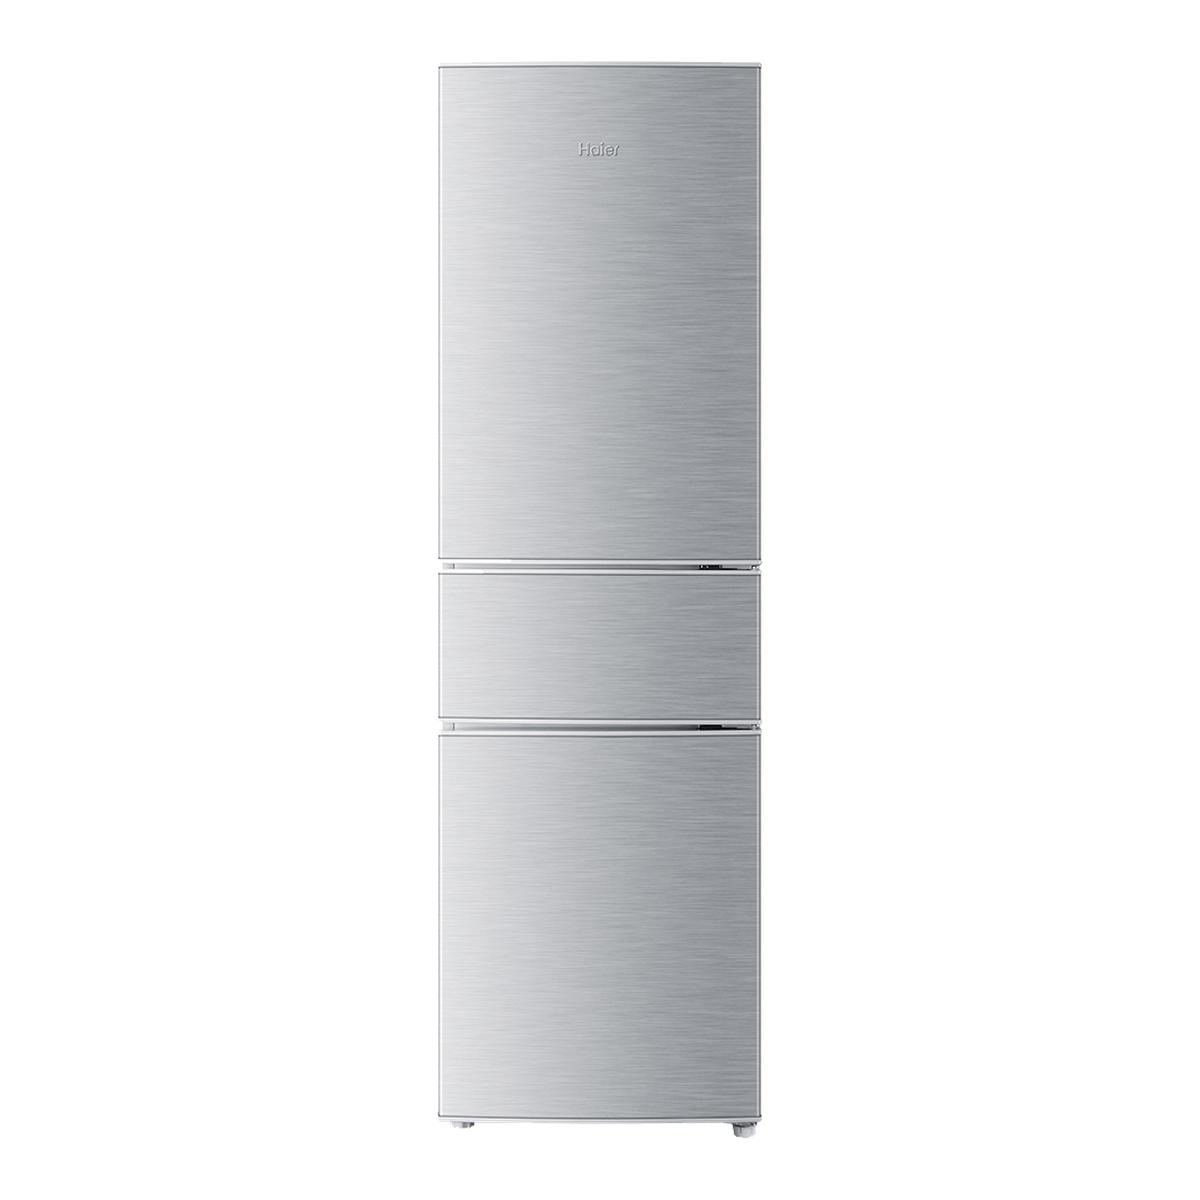 海尔Haier冰箱 BCD-191STPQ 说明书